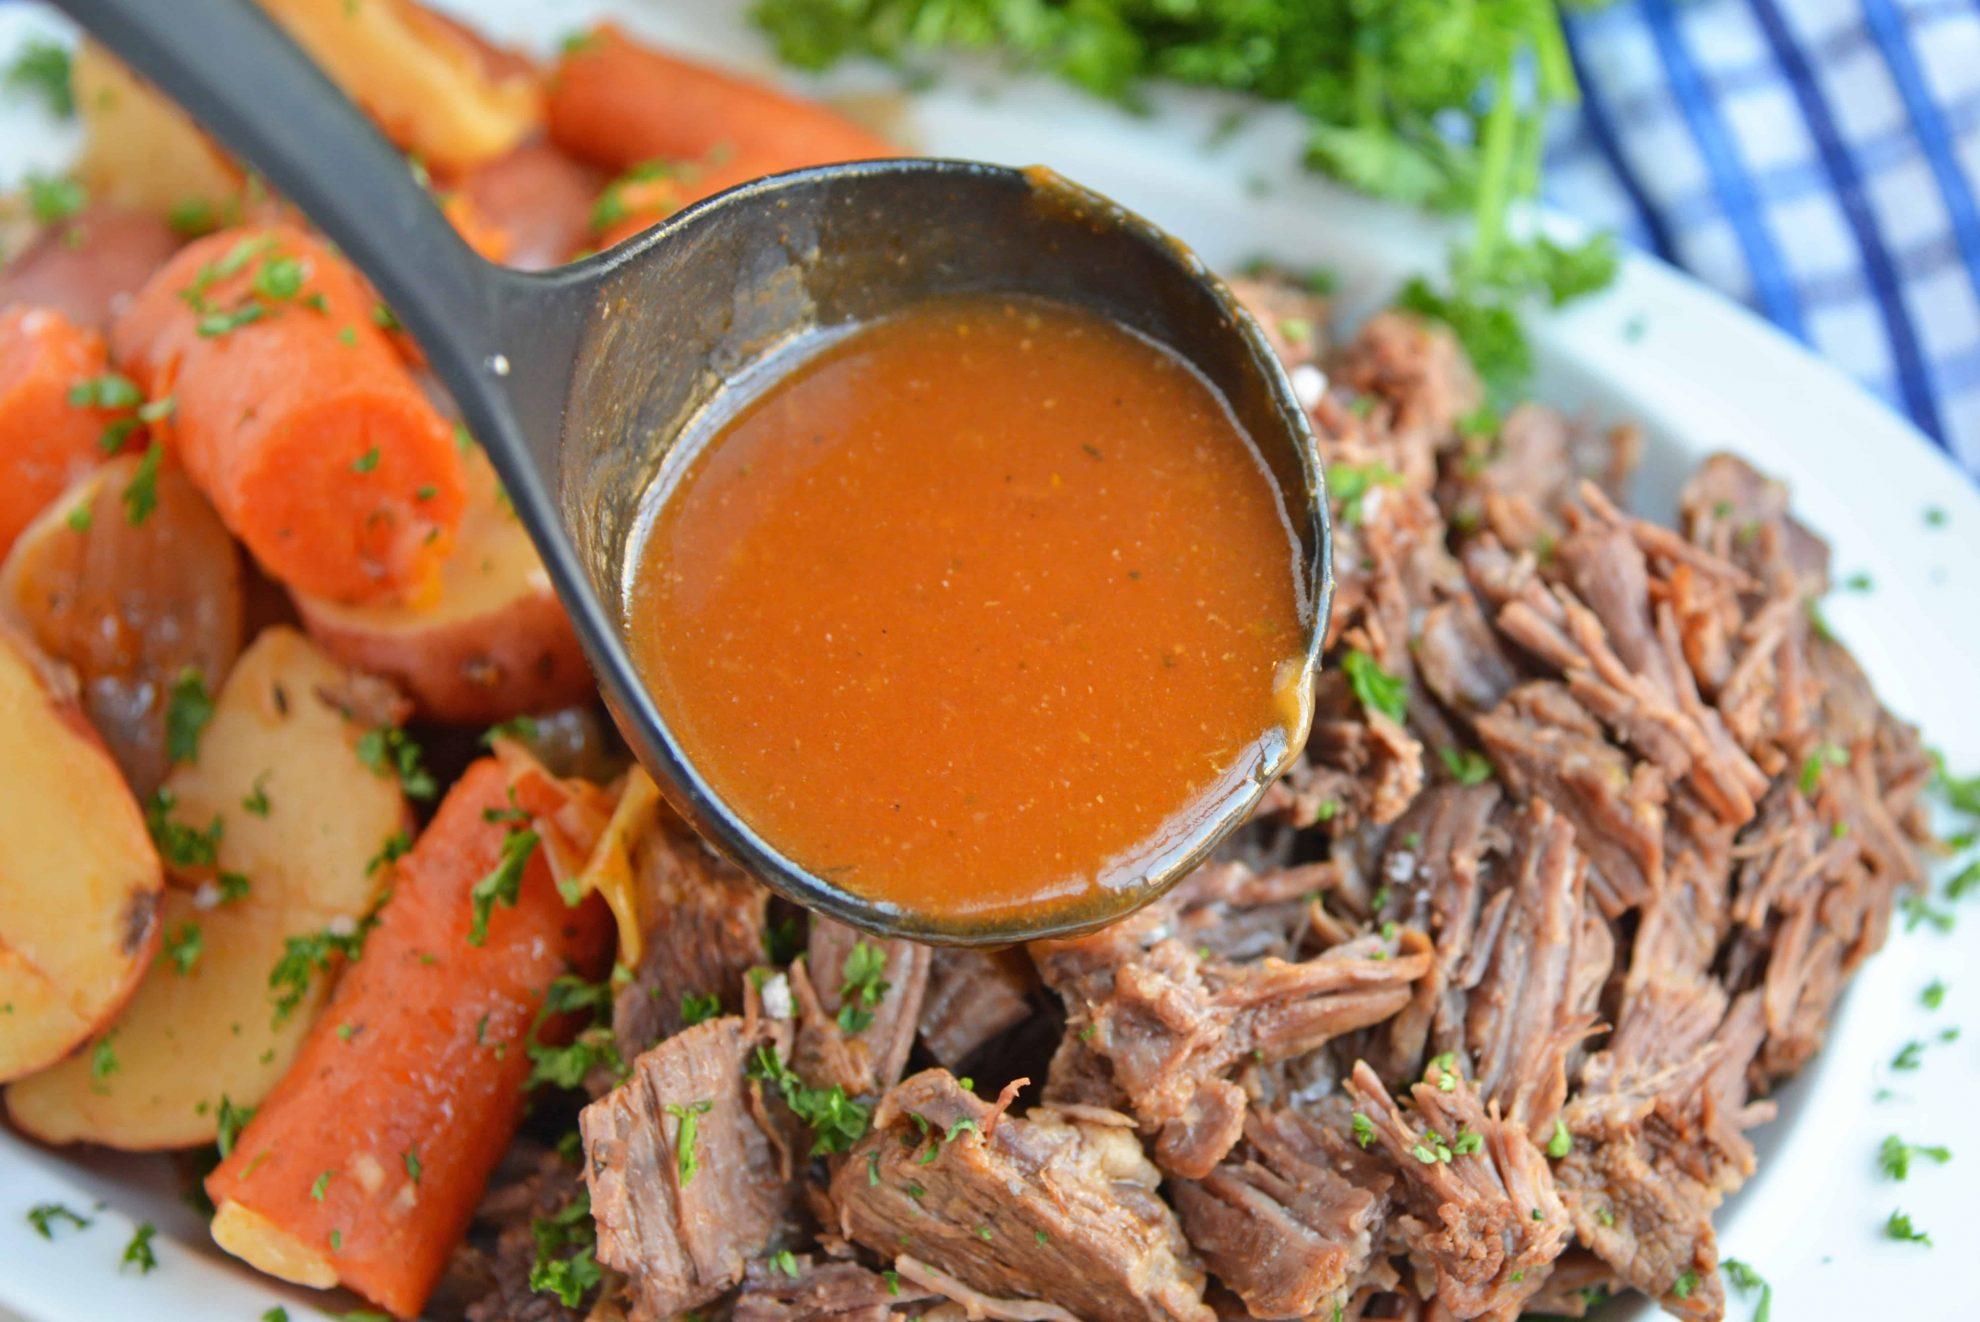 Tomato Gravy for Pot Roast